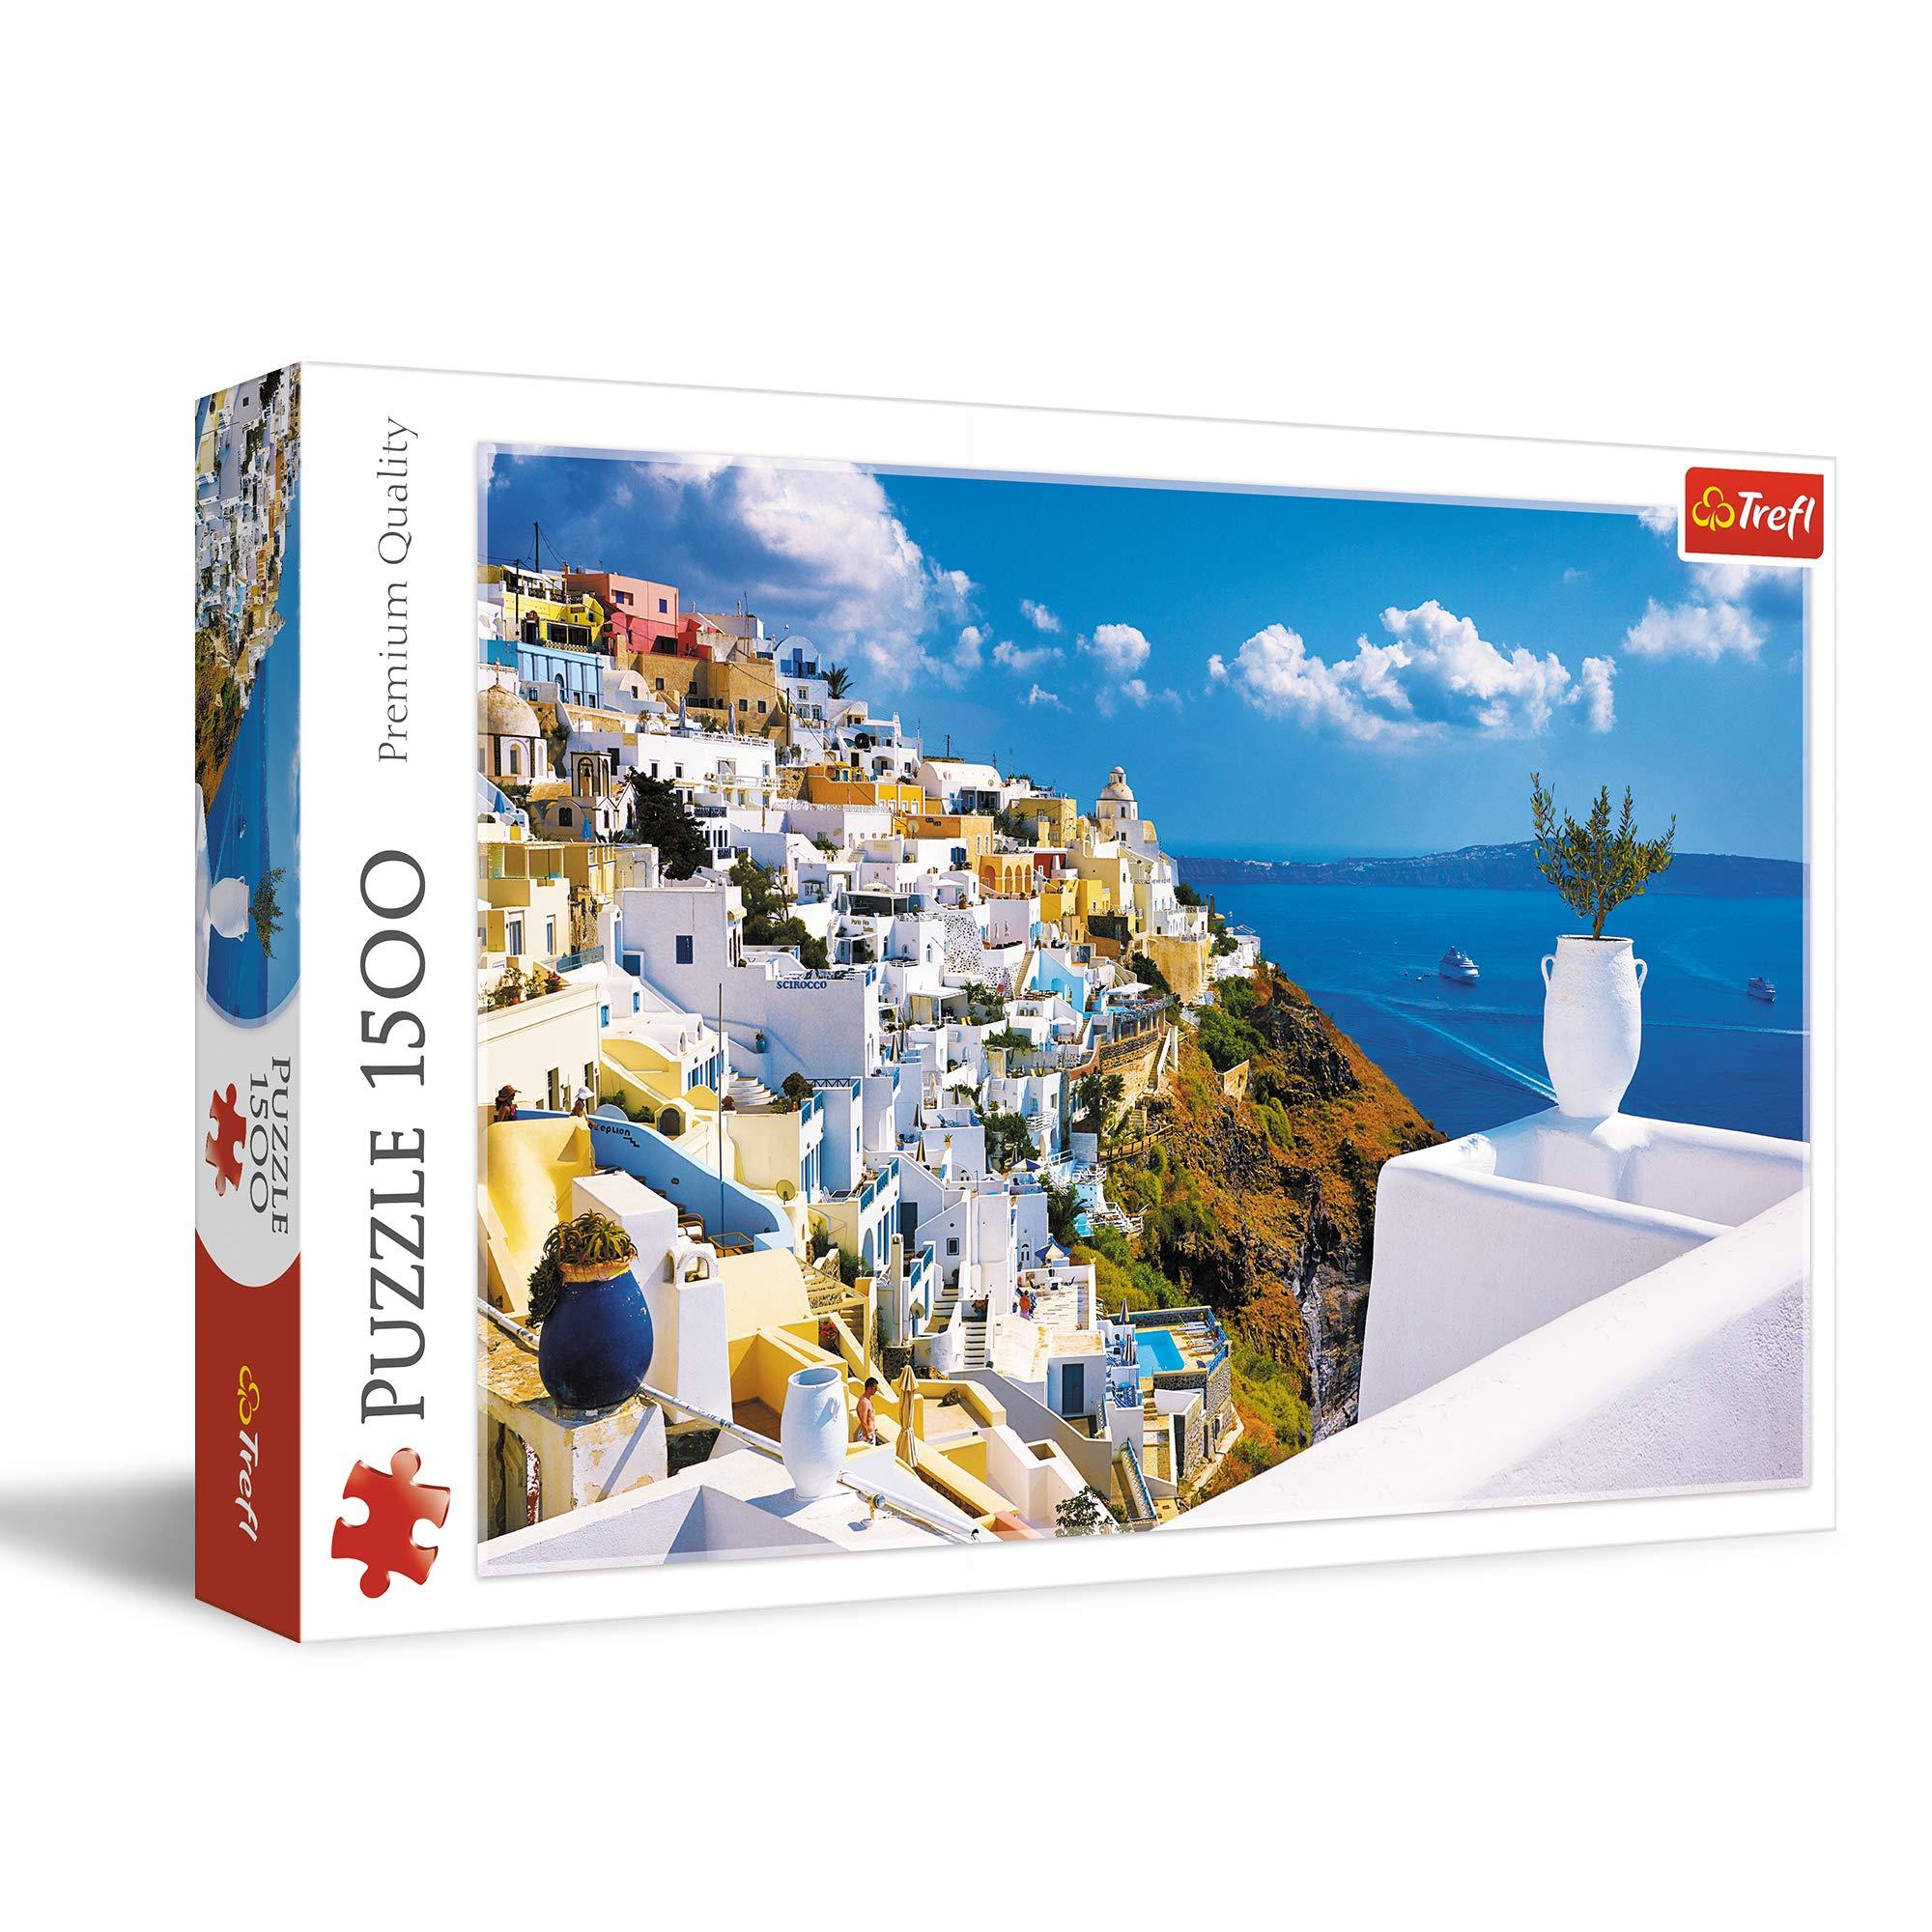 Trefl 1500 Piece Jigsaw Puzzle Santorini, Greece, Multicolor